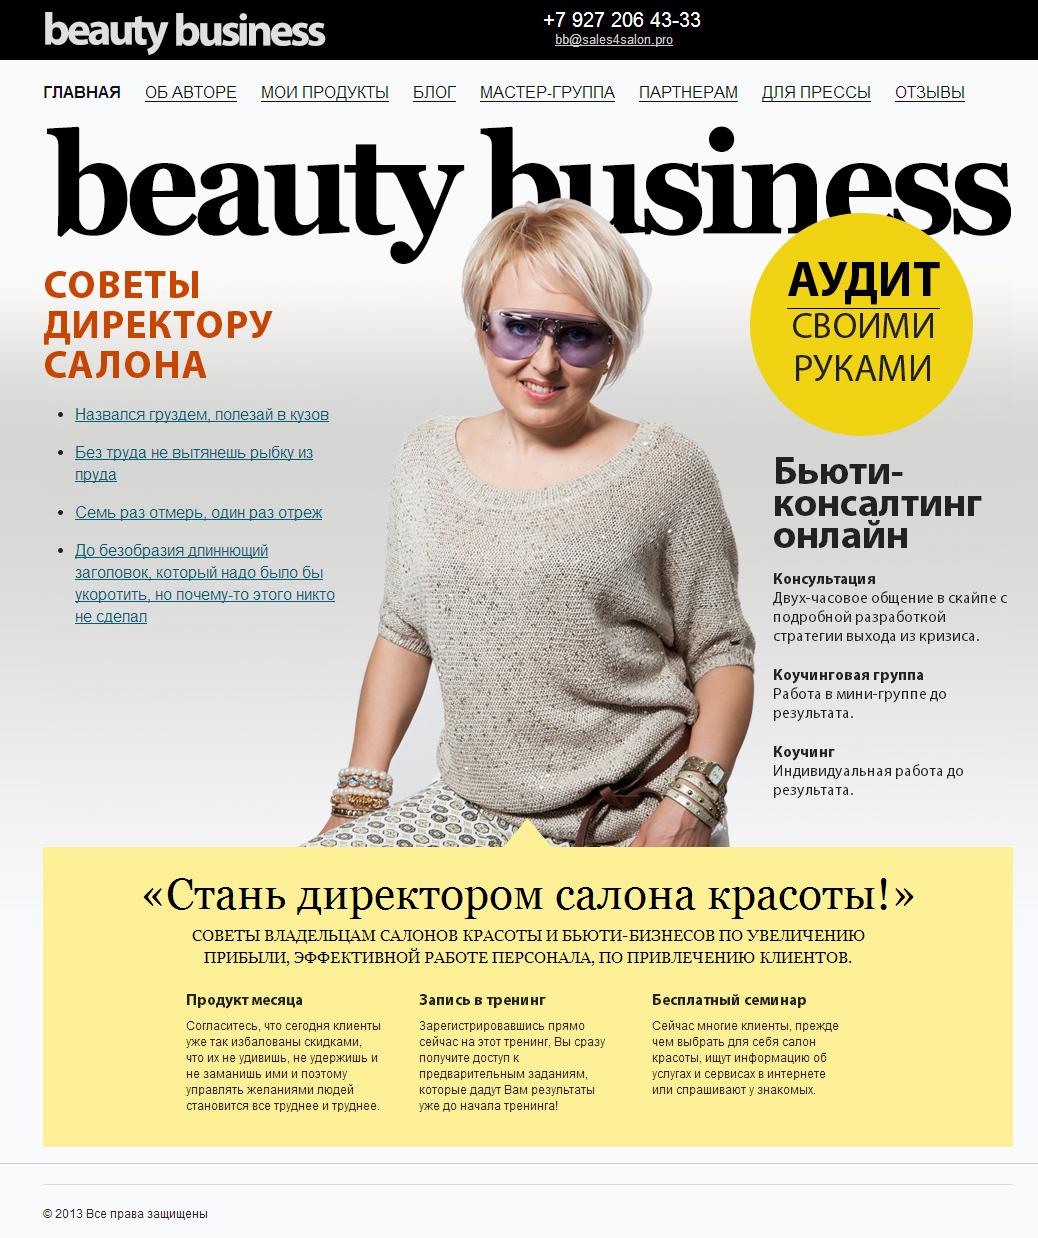 Сайт «Beauty Business» для Елены Сапоговой